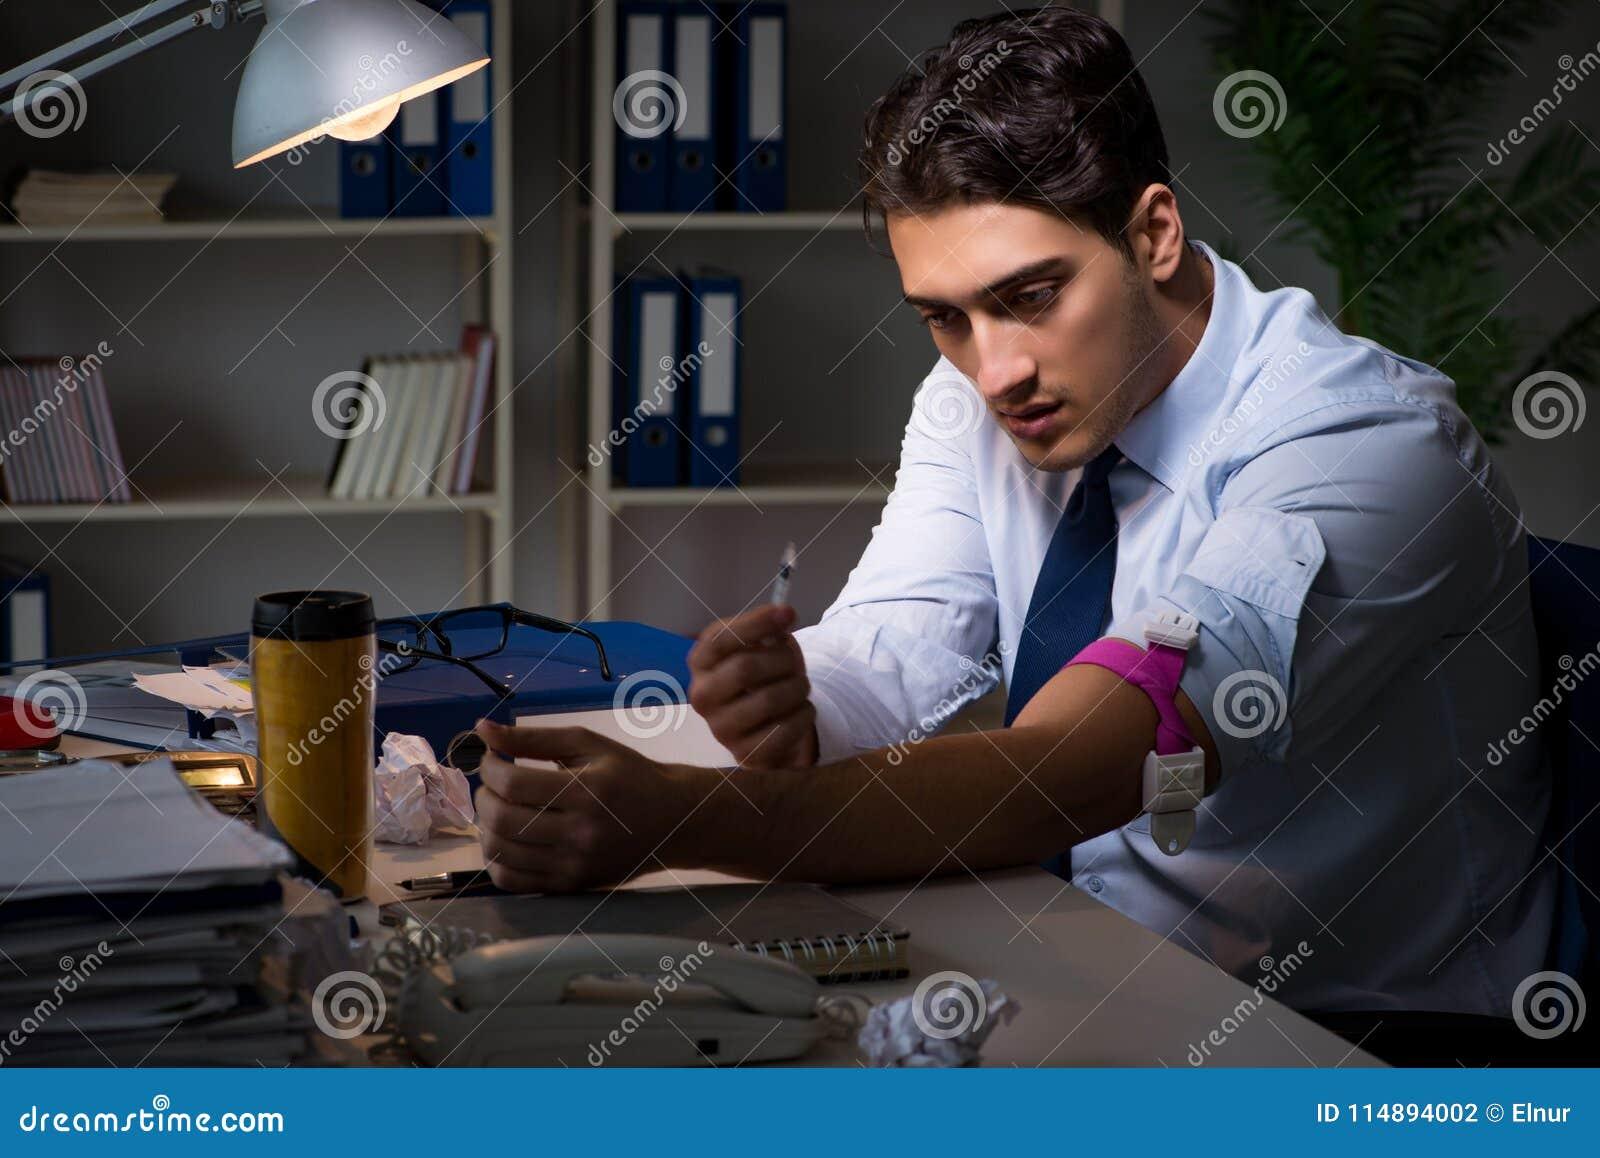 Η ανακουφίζοντας πίεση υπαλλήλων από τις υπερωρίες με τα ναρκωτικά φαρμάκων